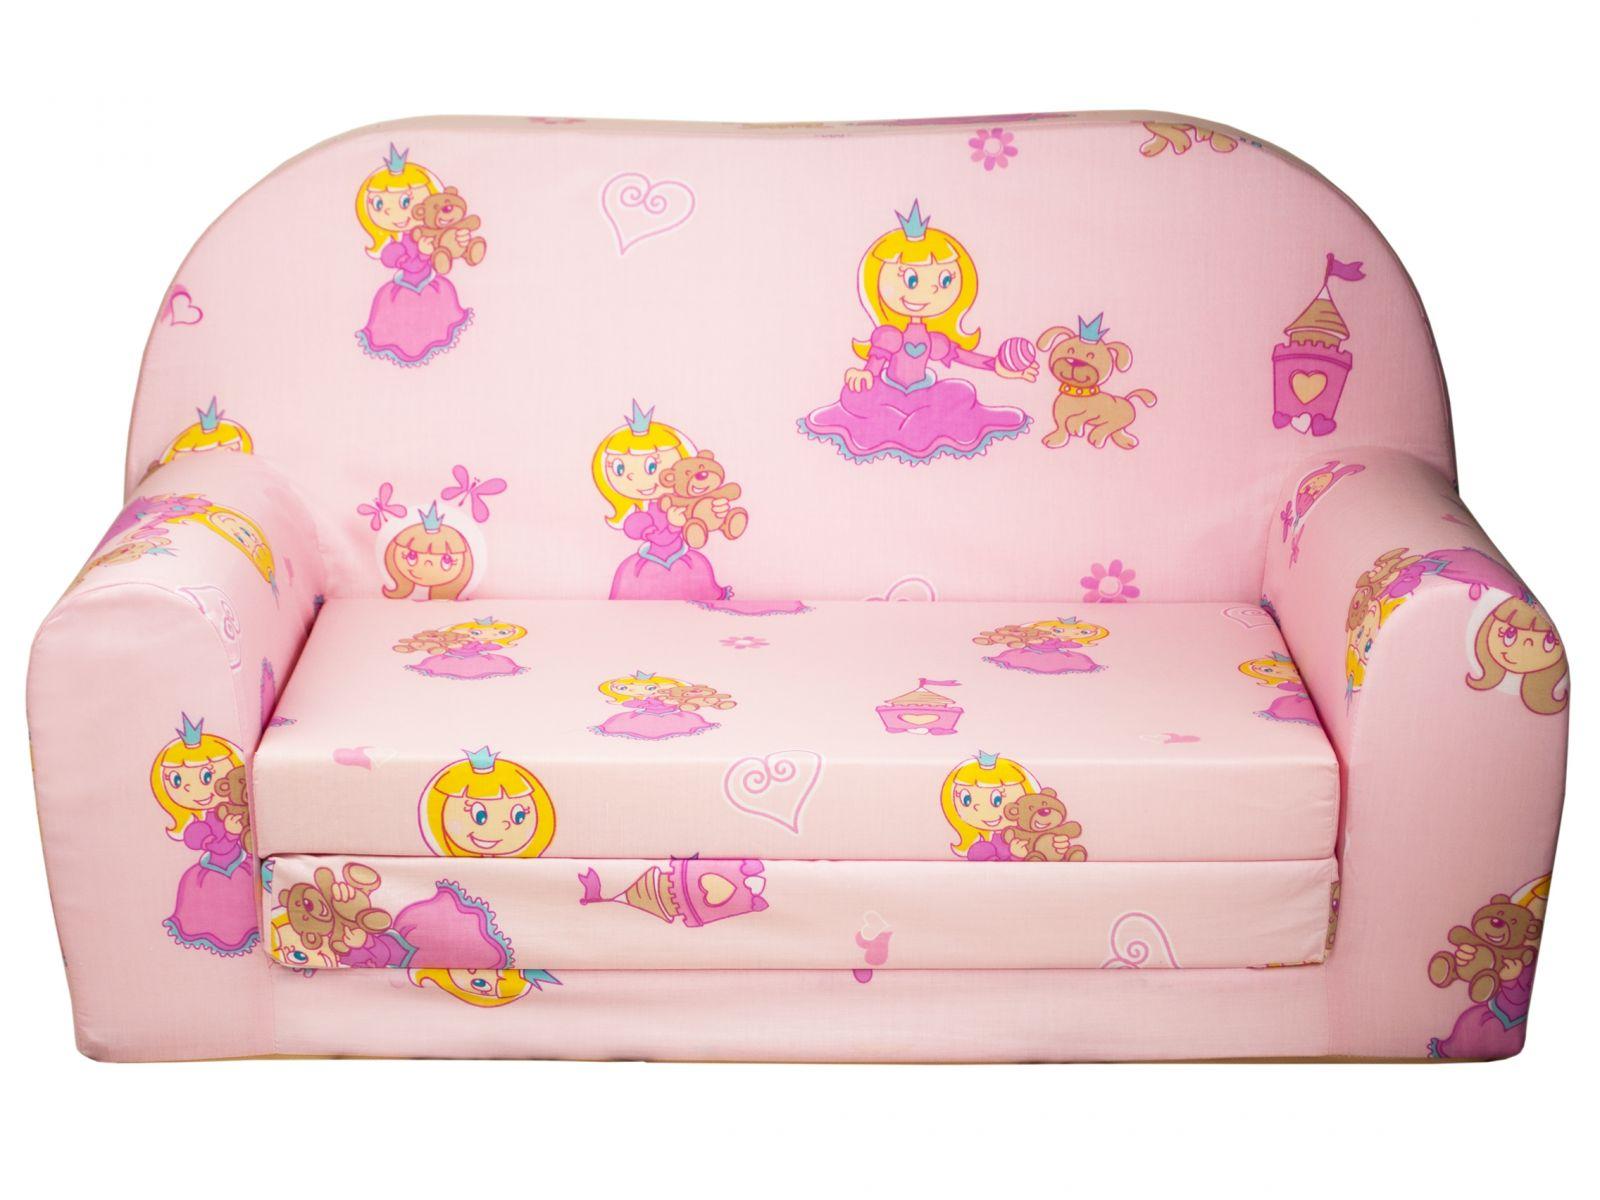 Fimex Dětská rozkládací mini pohovka Princezna růžová